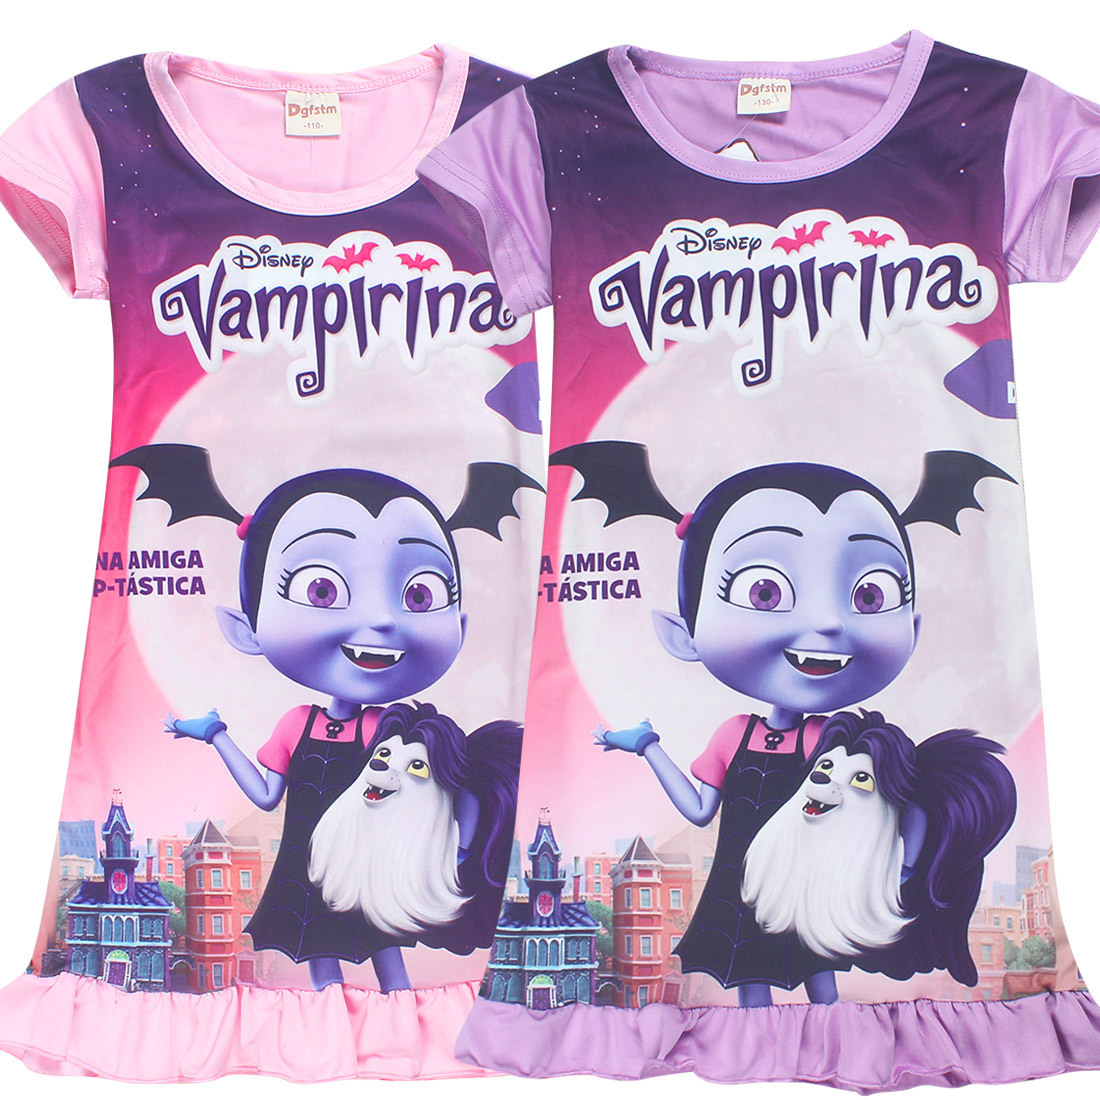 Princesa niñas vestido 2018 nueva moda verano Vampirina imprimir ...